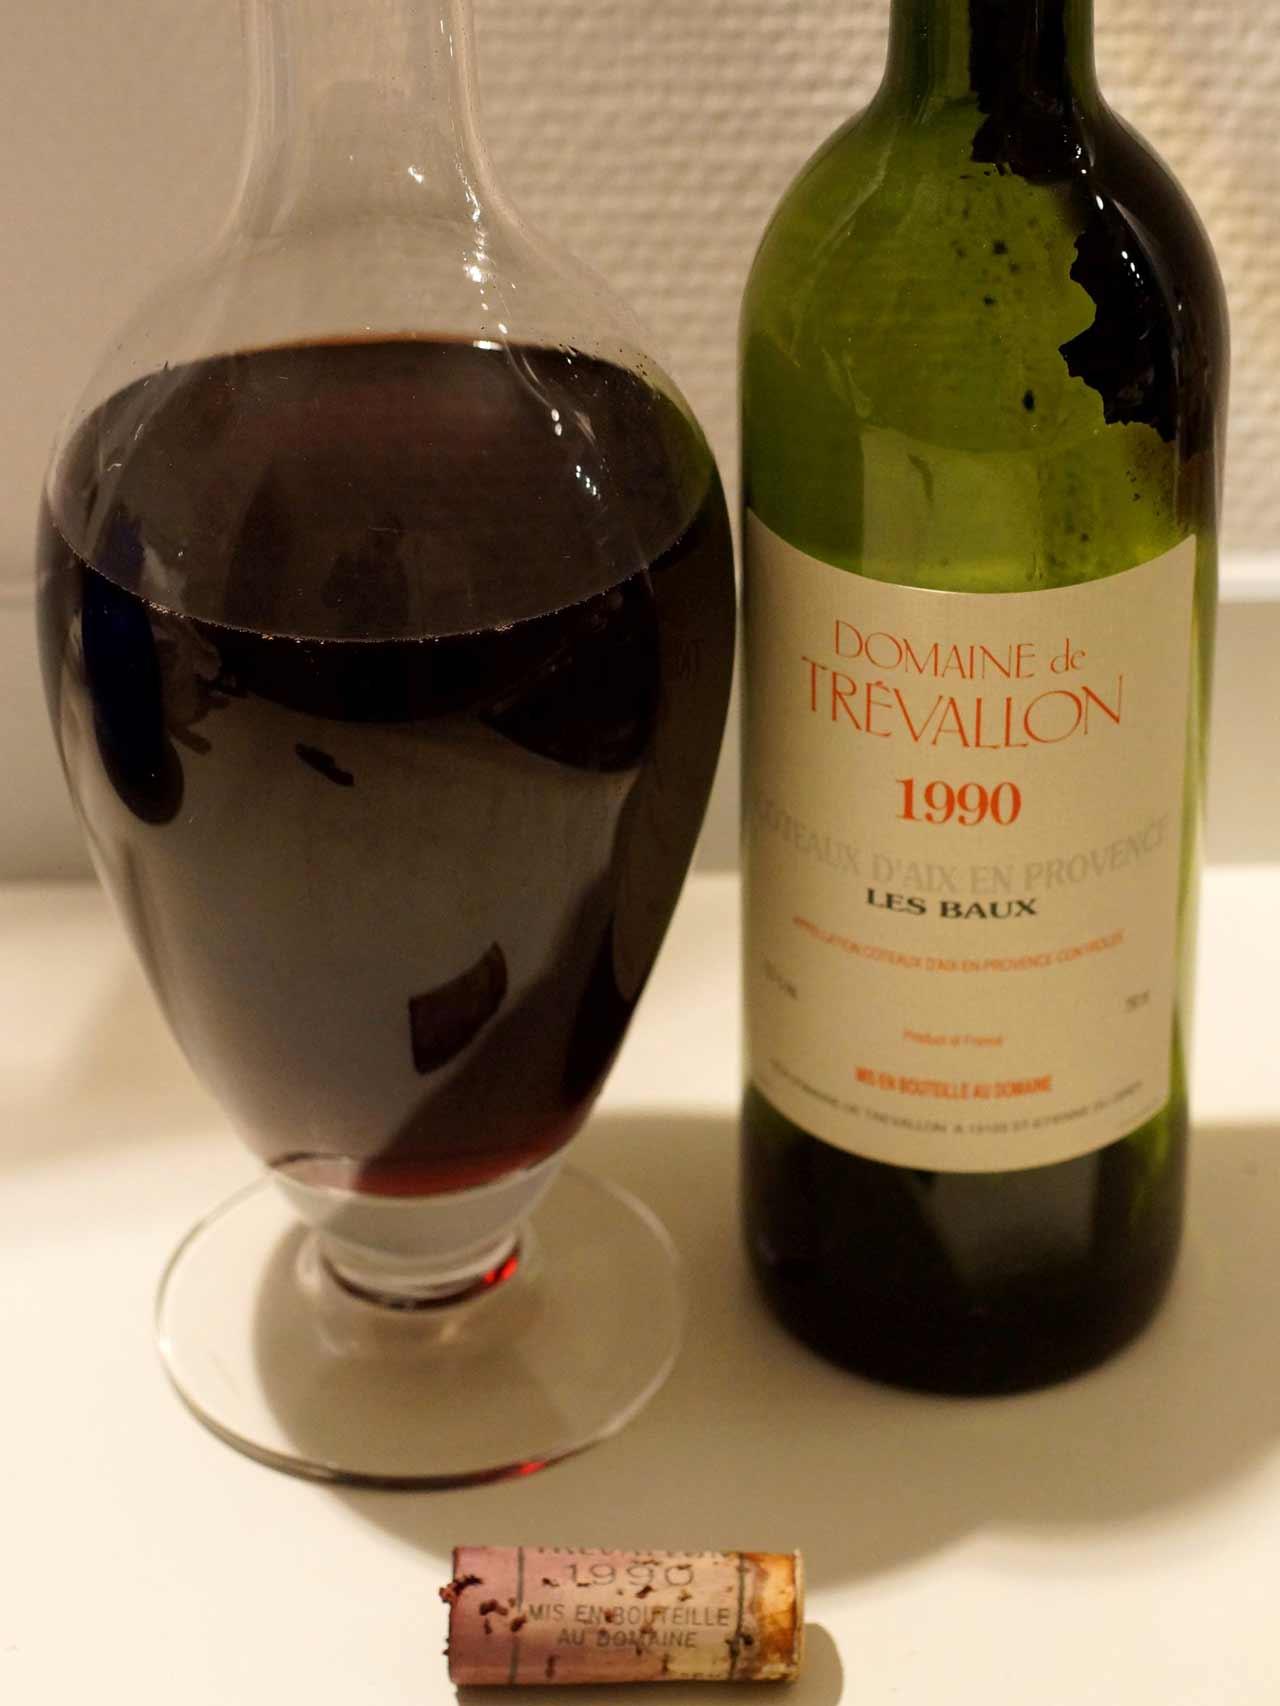 1990-domaine-de-trevallon-rouge-1-1280x960